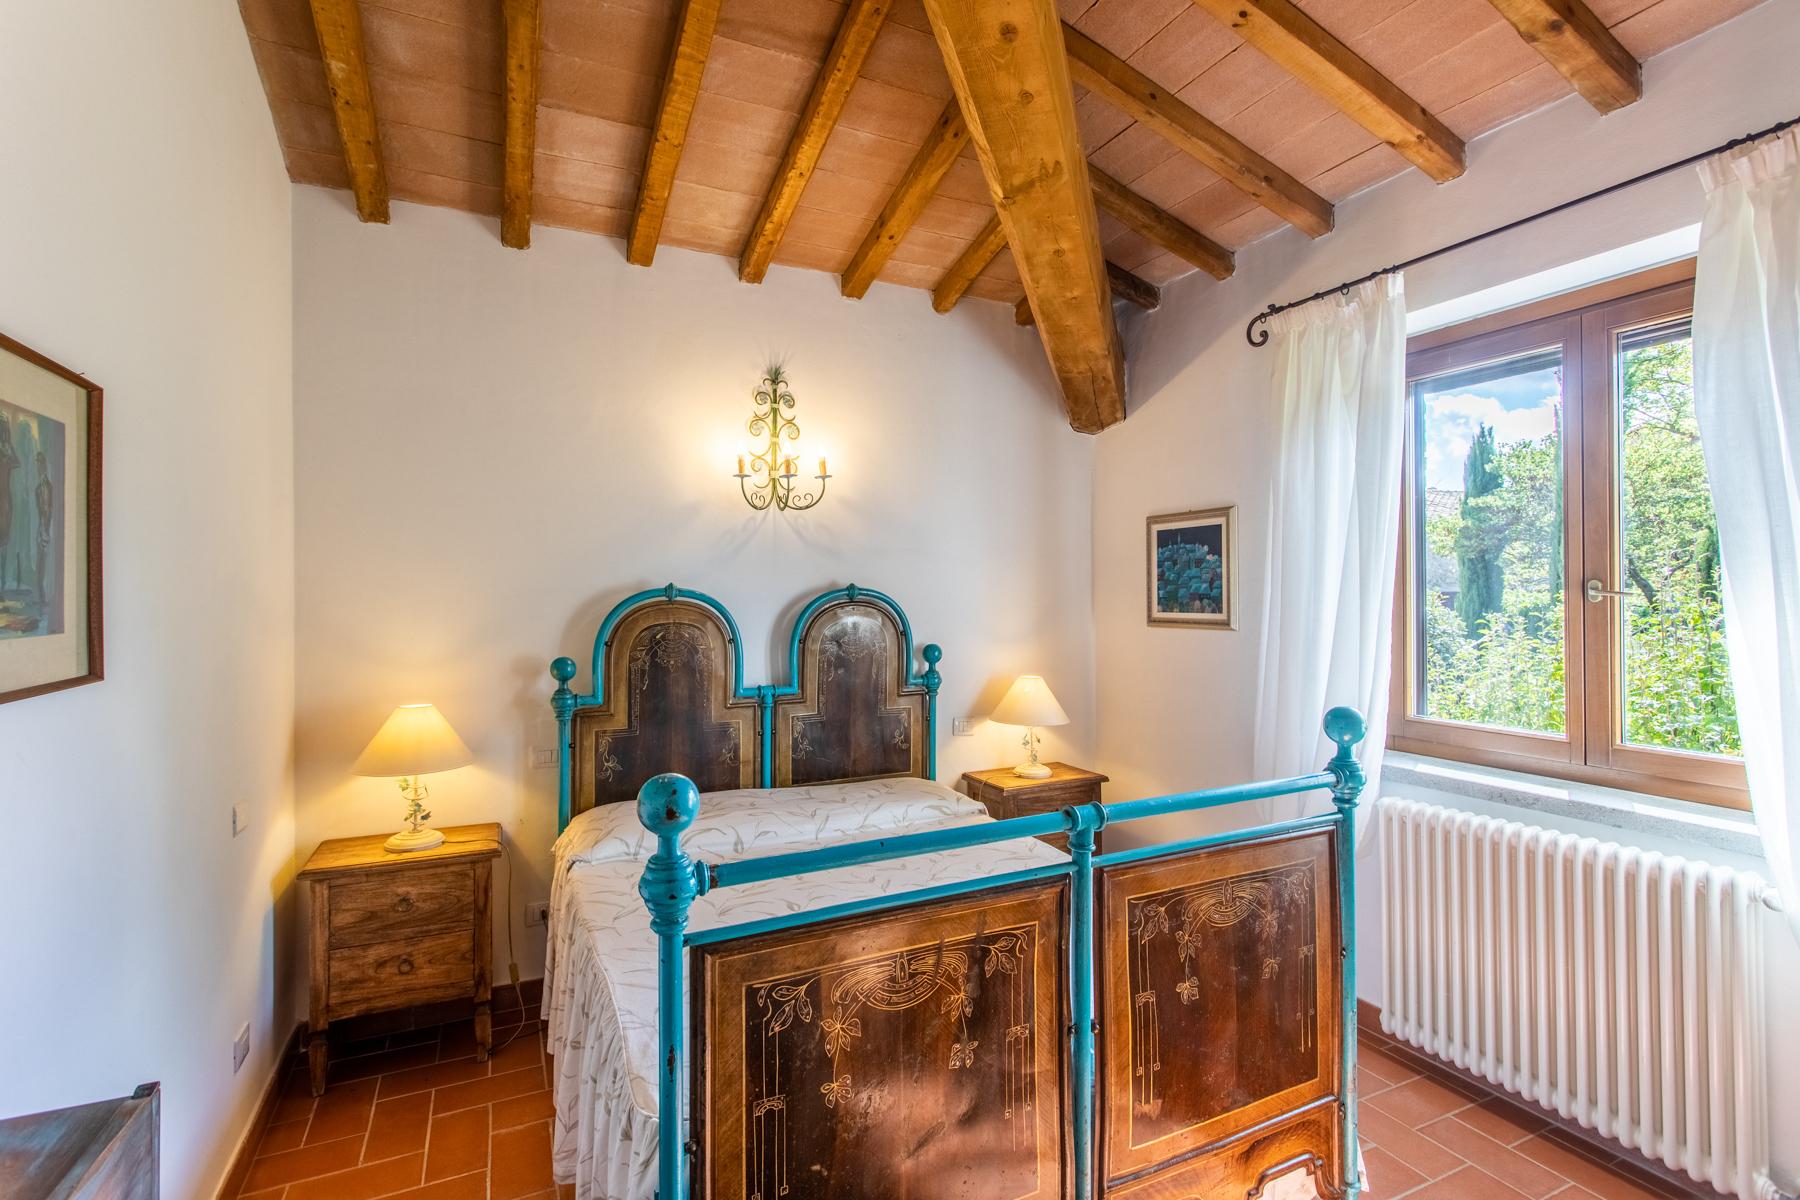 Rustico in Vendita a Manciano: 5 locali, 520 mq - Foto 13